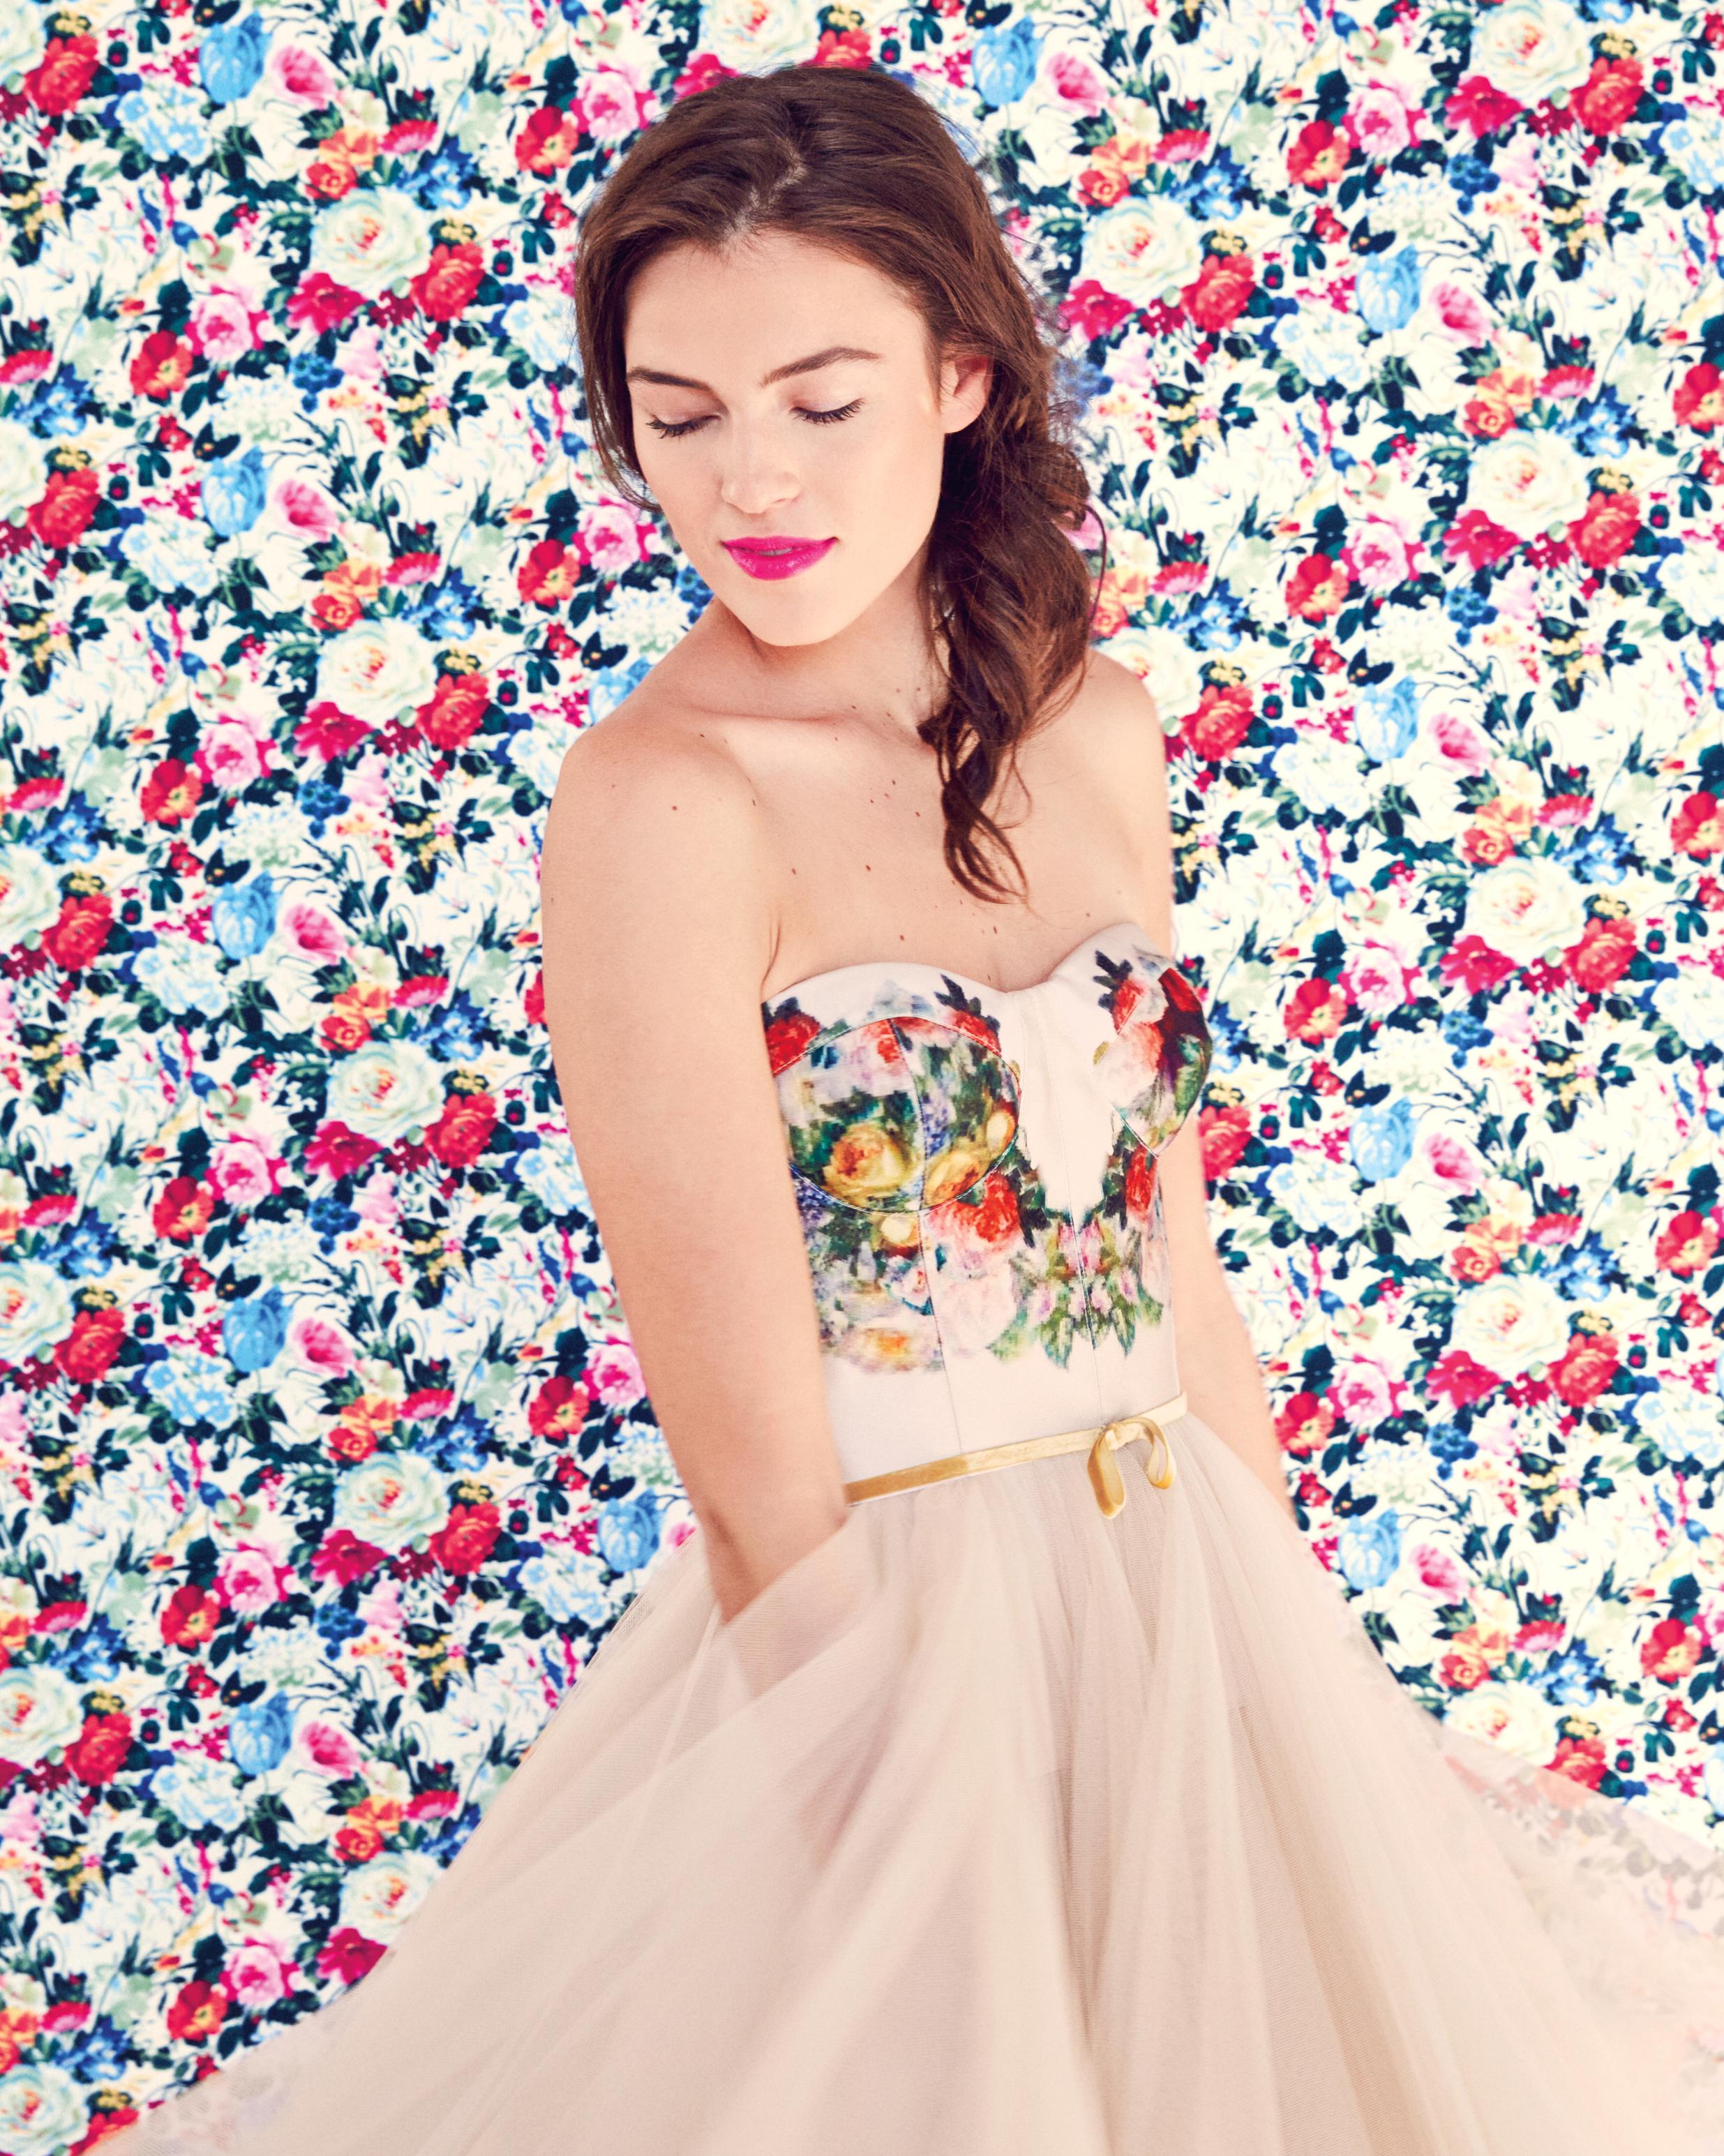 floral-dress-v1-0103-d111716.jpg